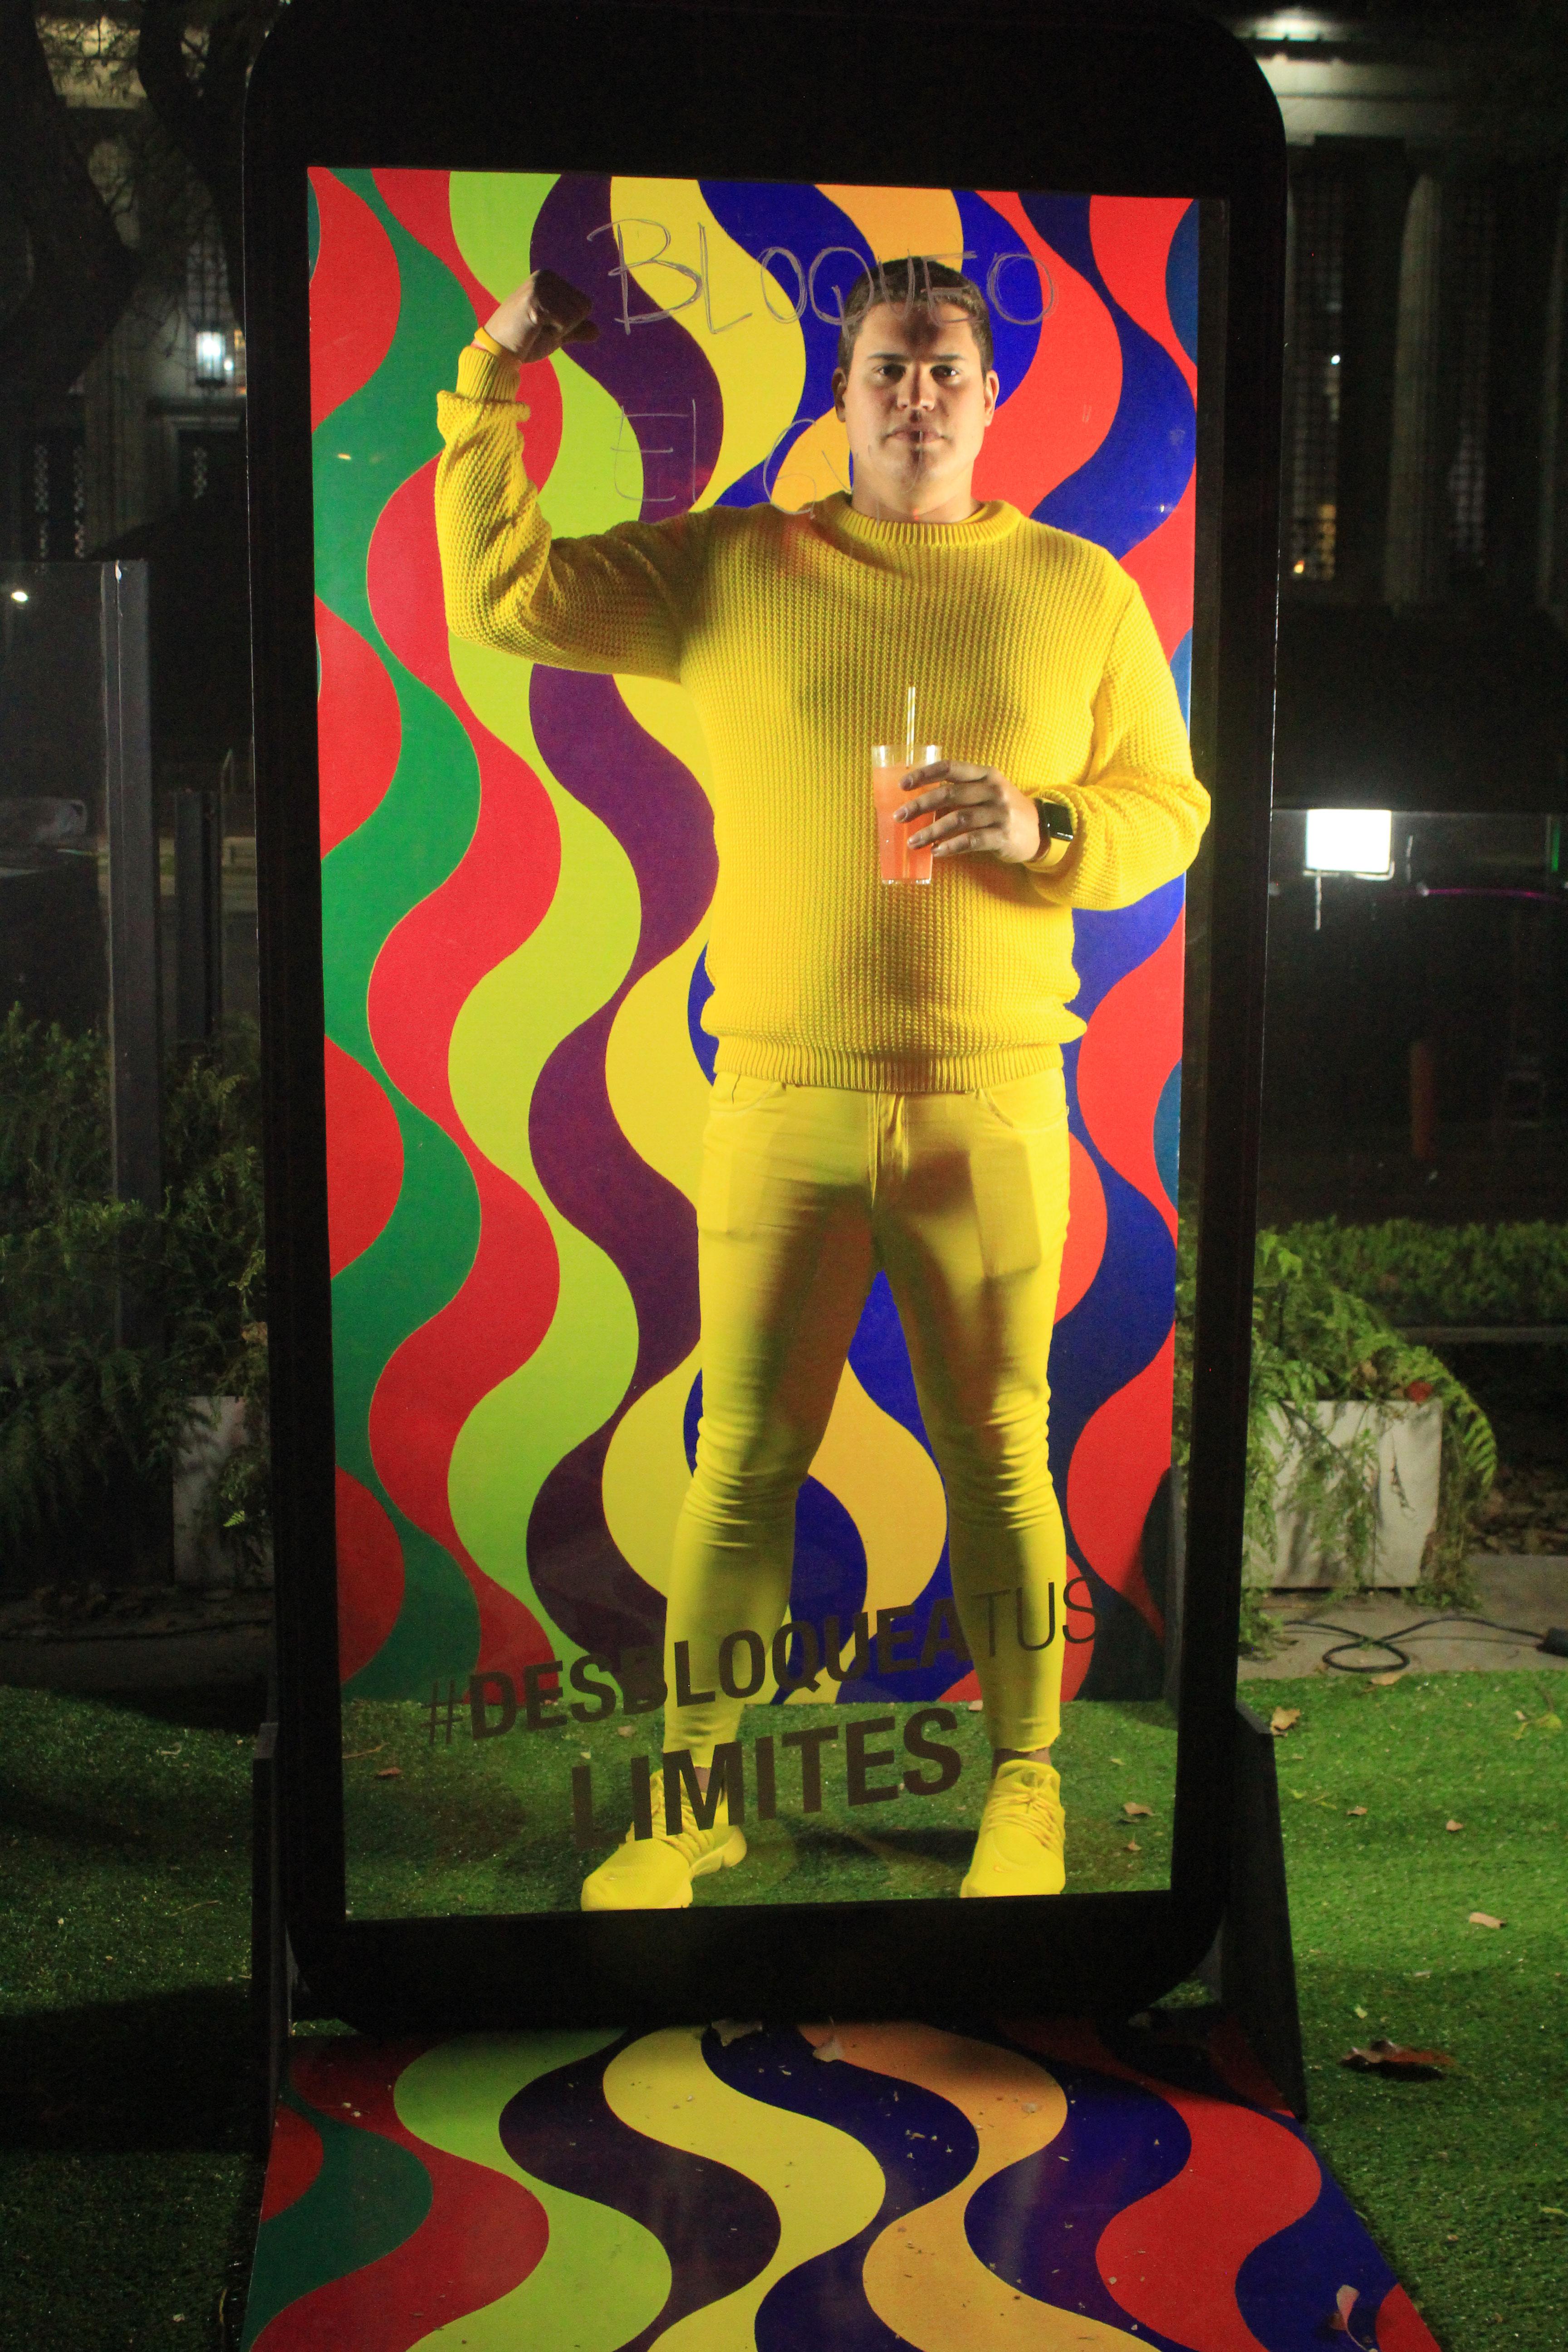 El dress code inspirado en los colores del gran artista argentino, Julio Le Parc